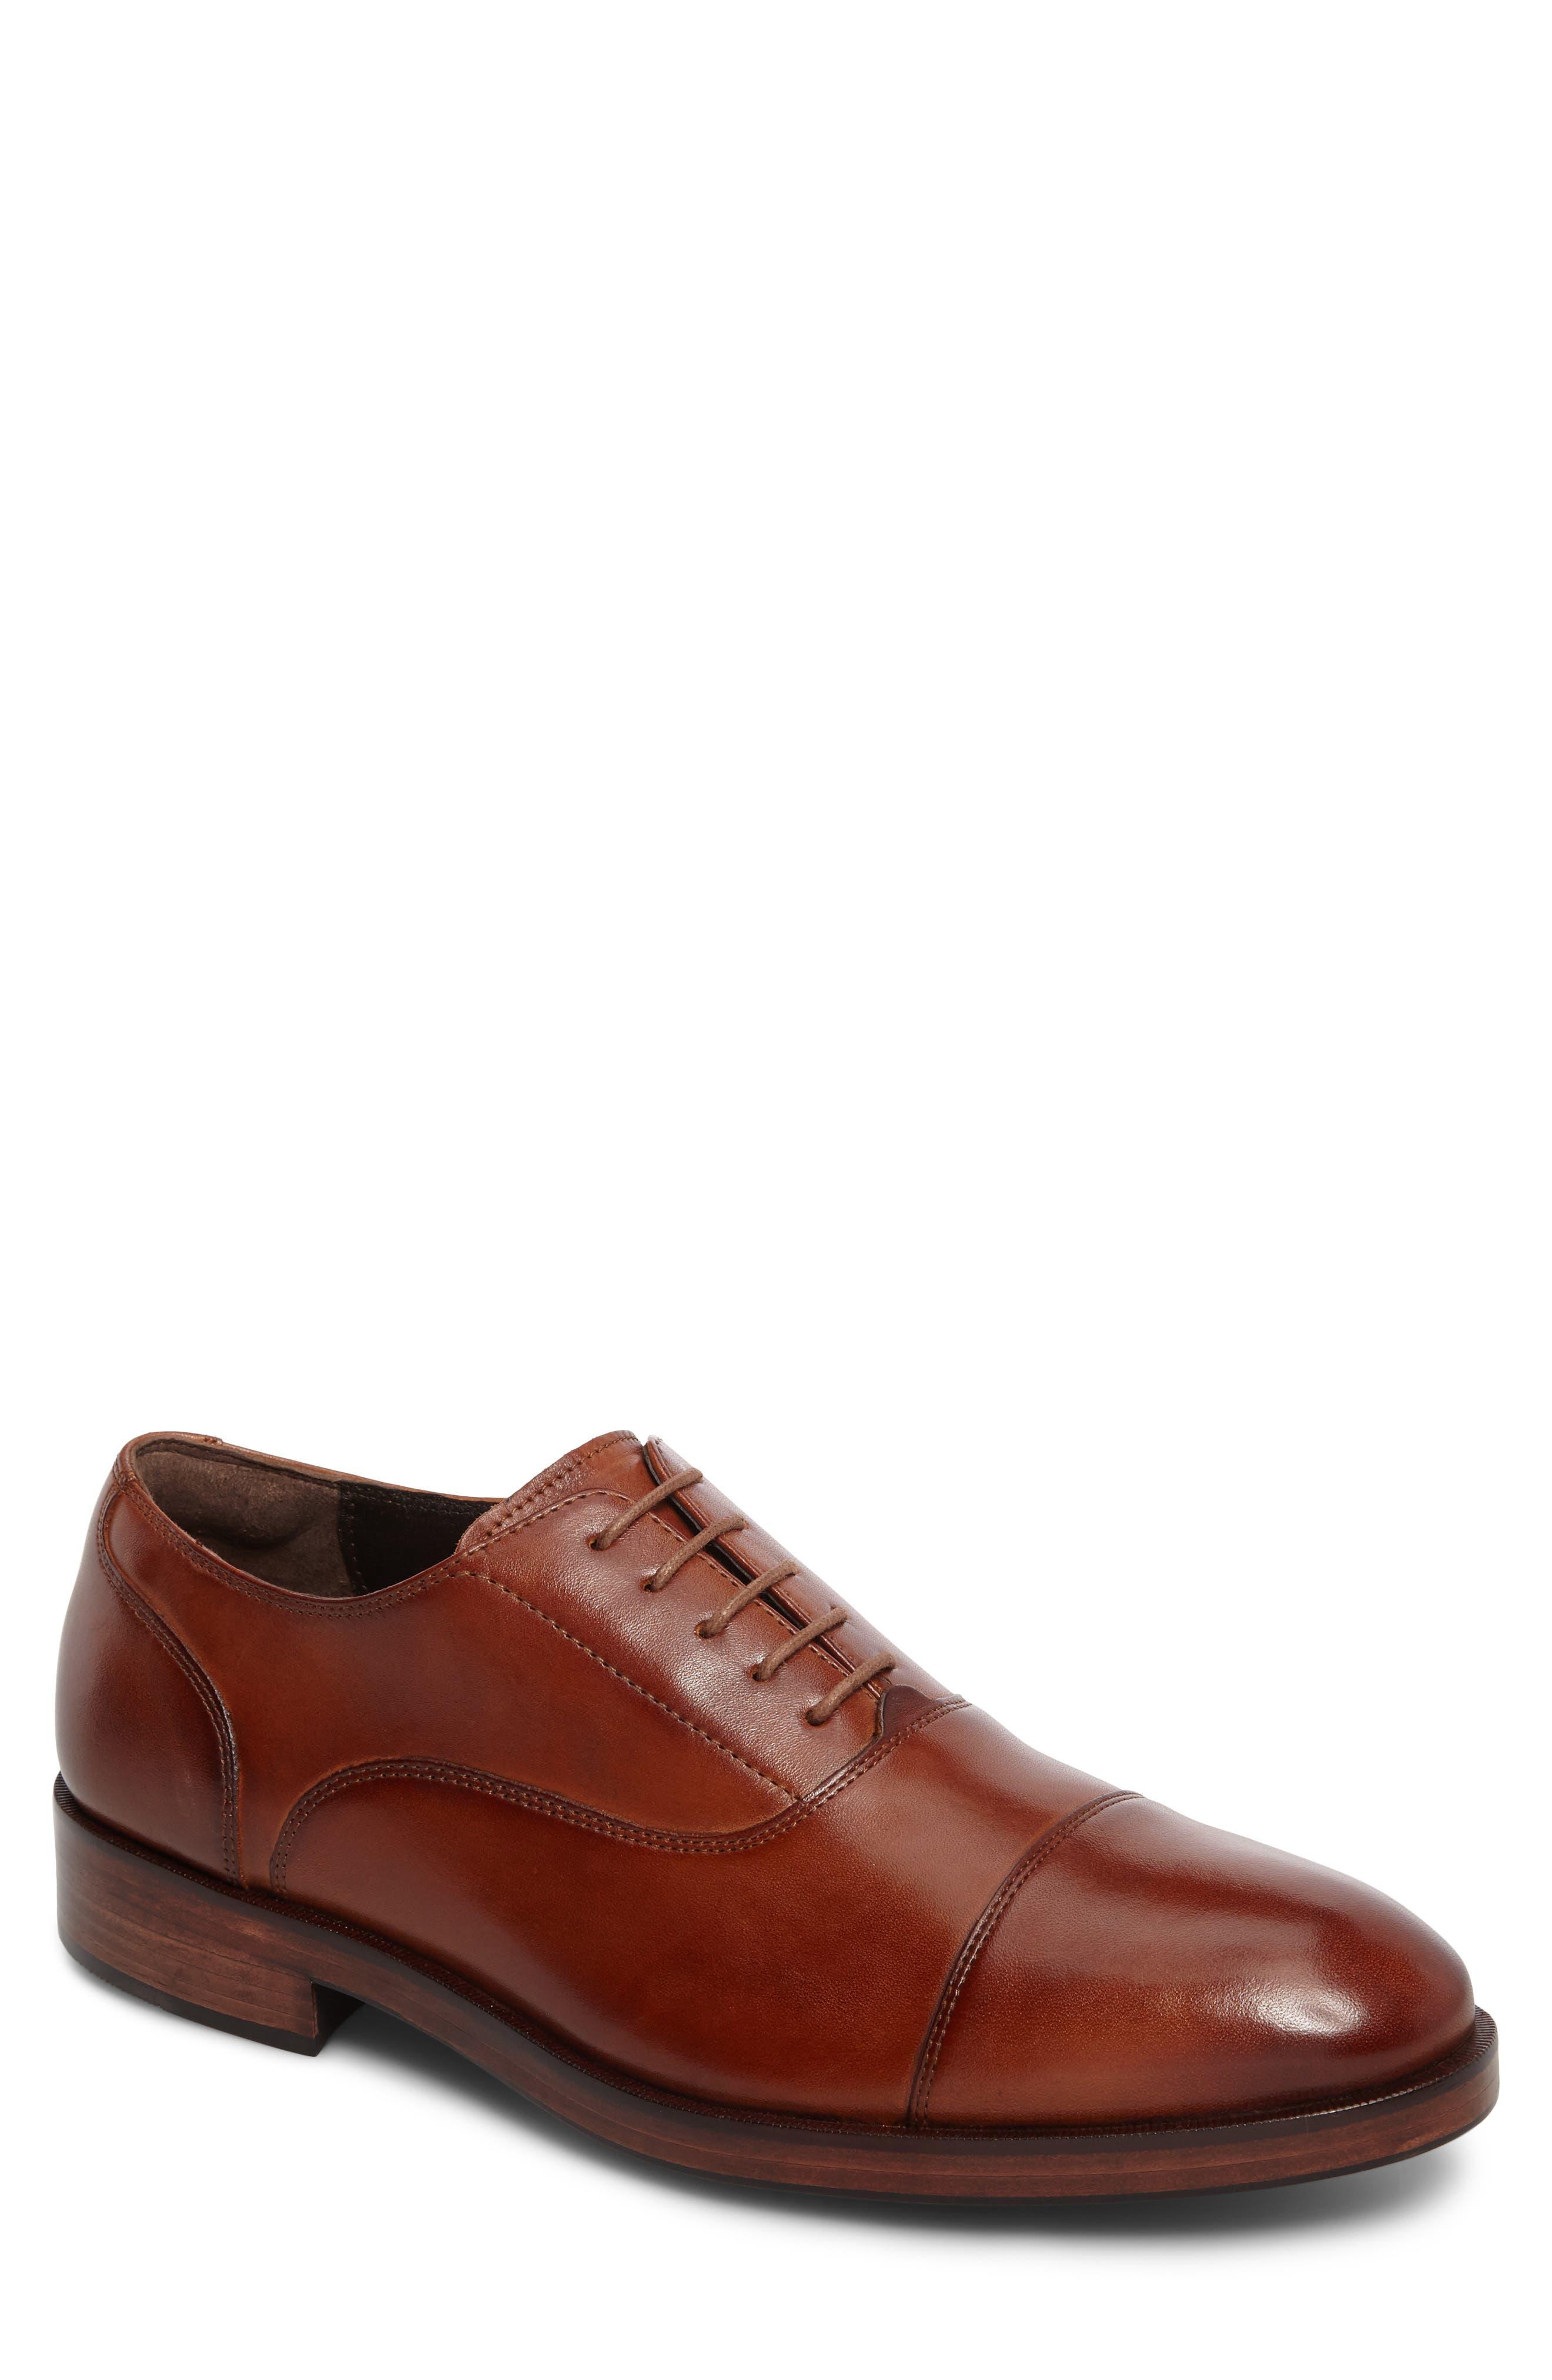 Harrison Grand Cap Toe Oxford,                         Main,                         color, British Tan Leather